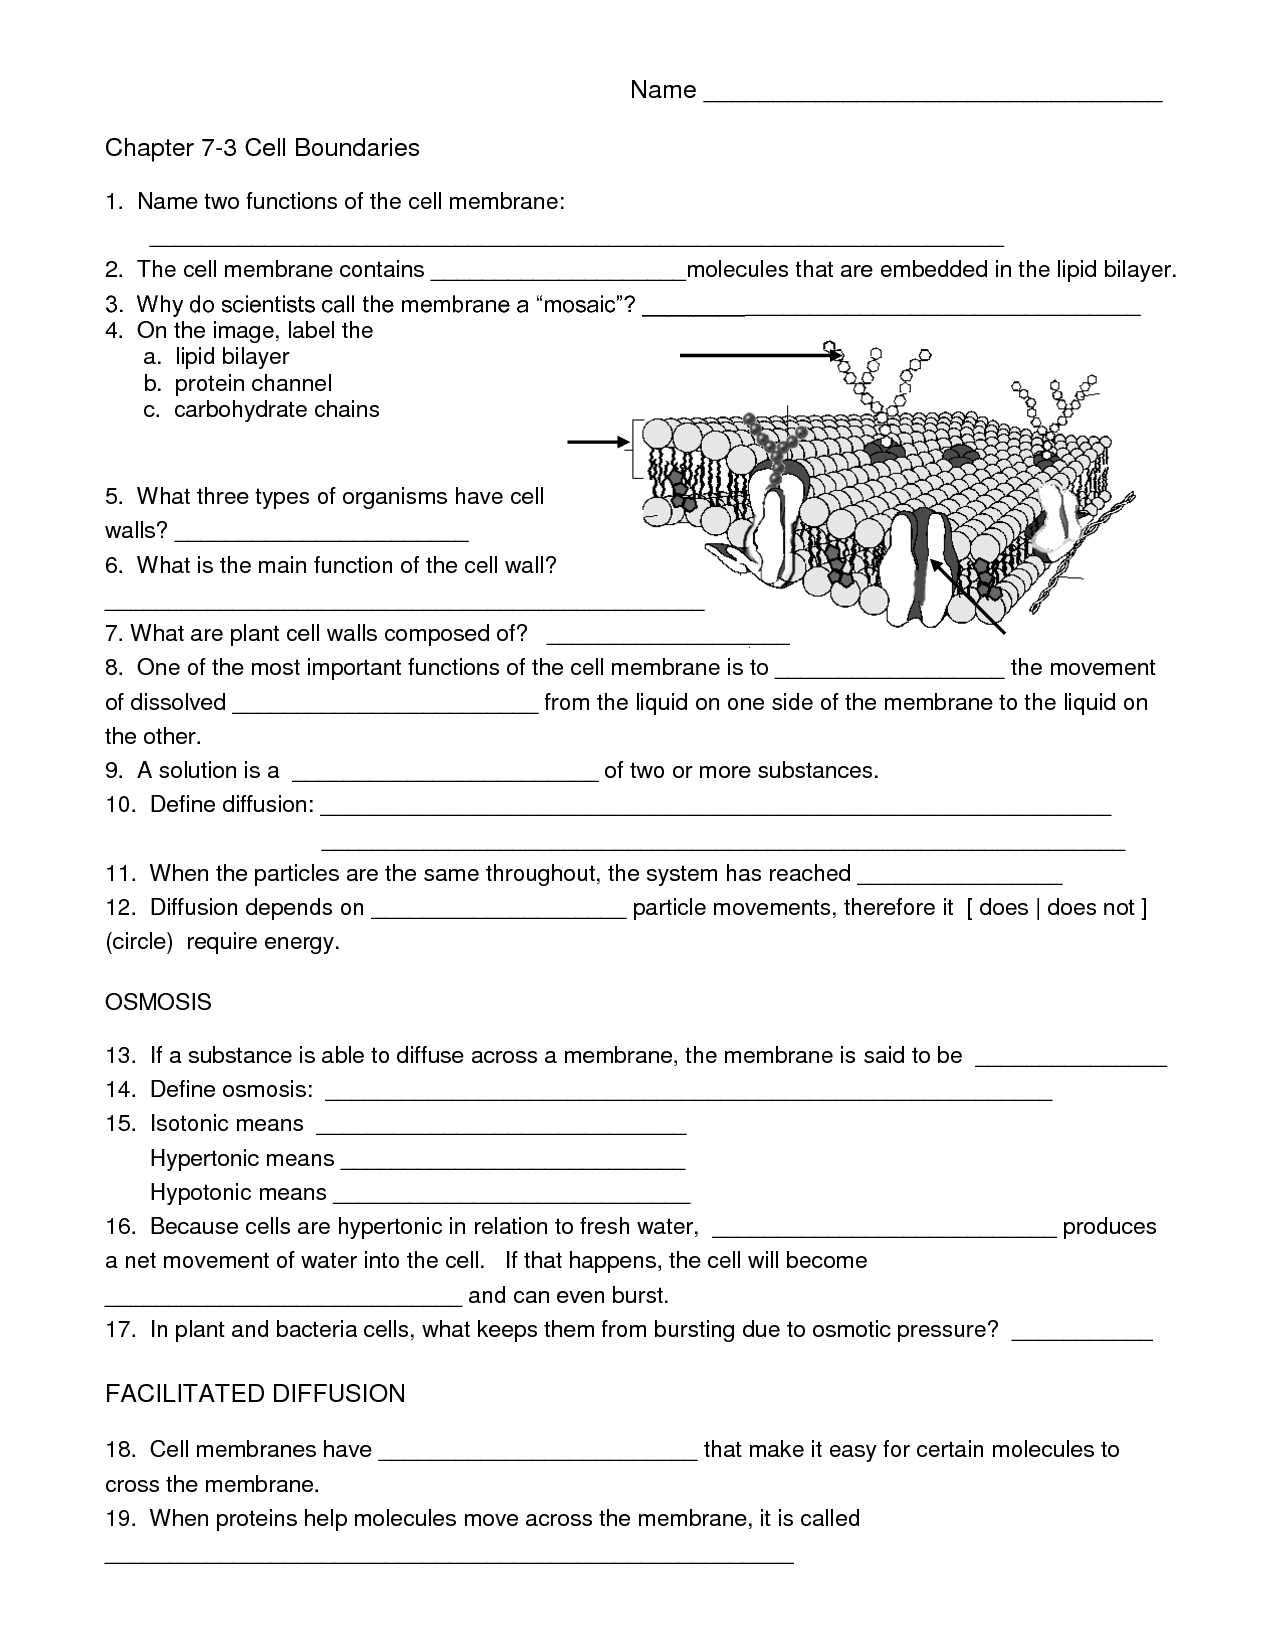 Biology Cell Worksheets | Carpe Diem Science | Science Worksheets | Free Printable High School Science Worksheets